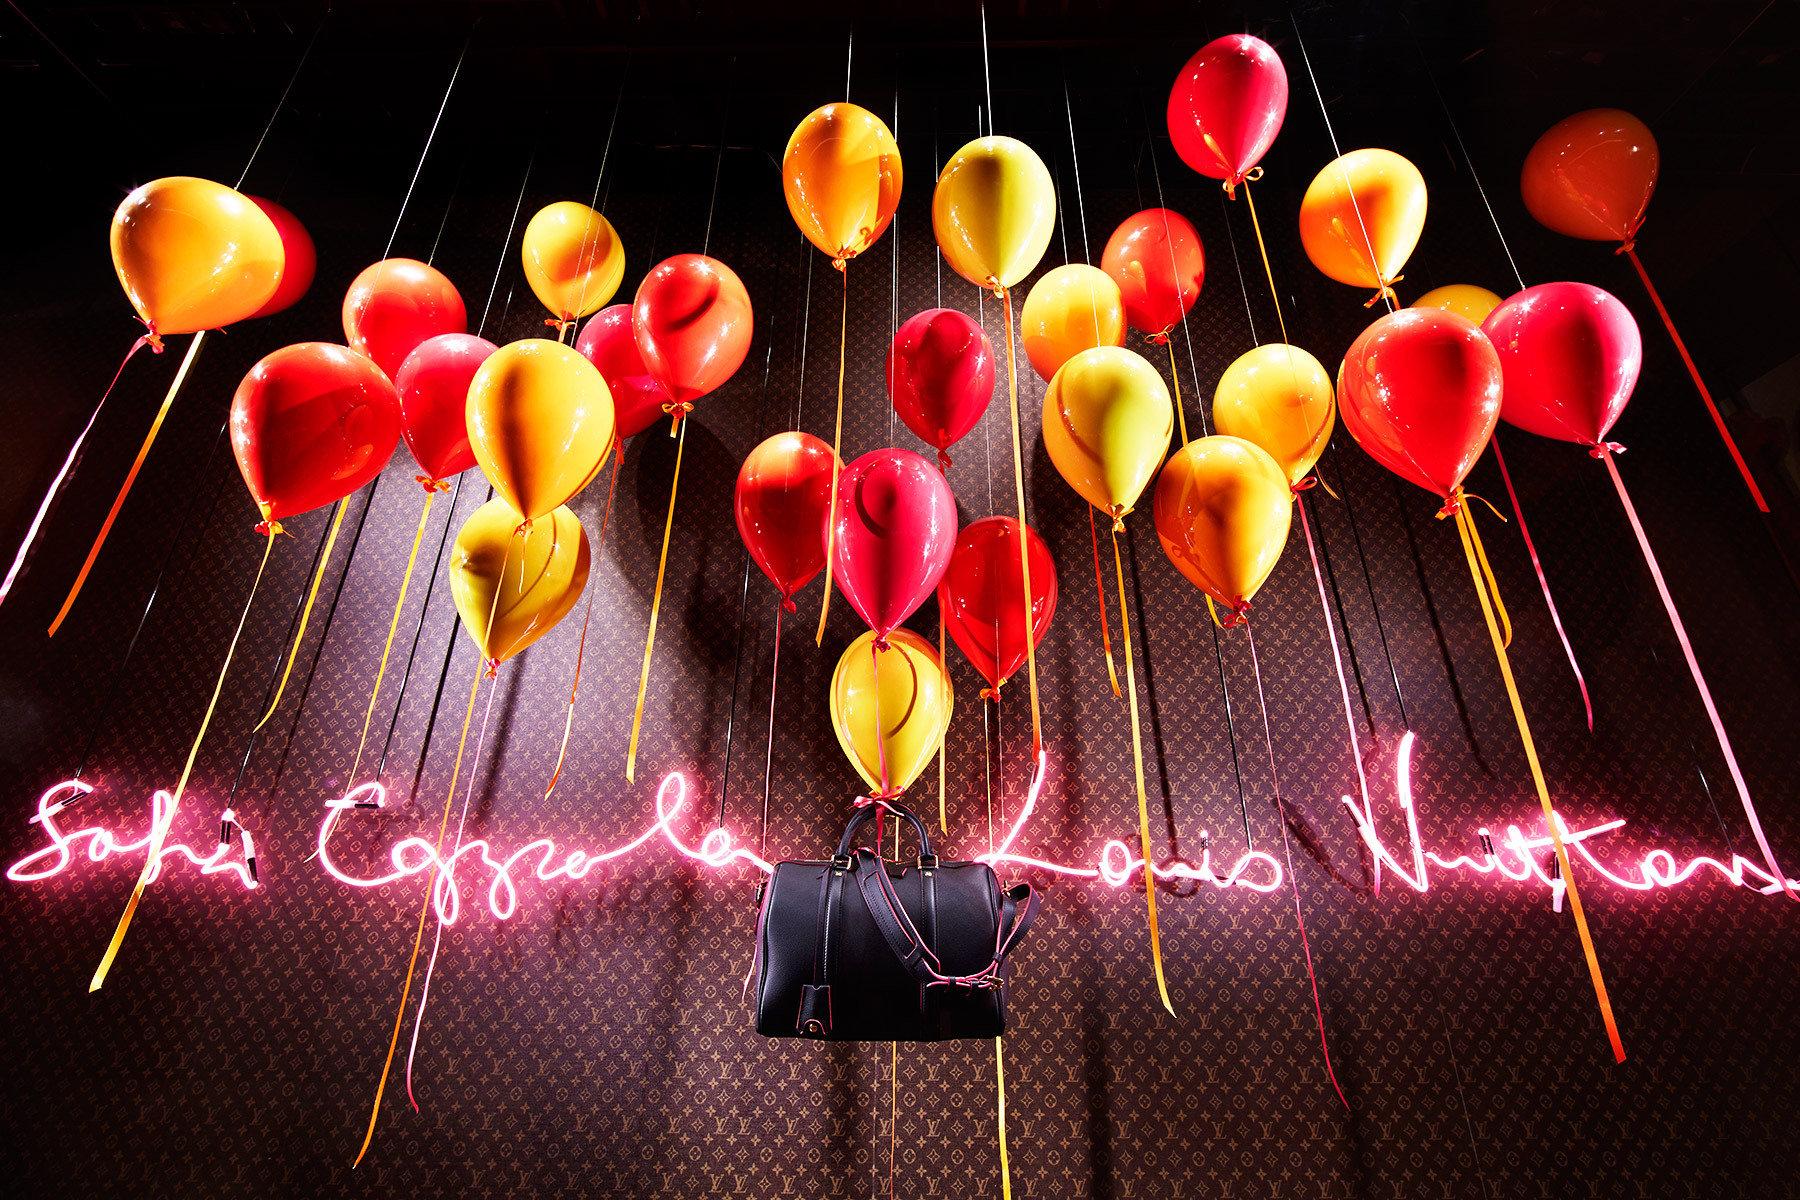 Sofia Coppola + Le Bon Marché, Louis Vuitton